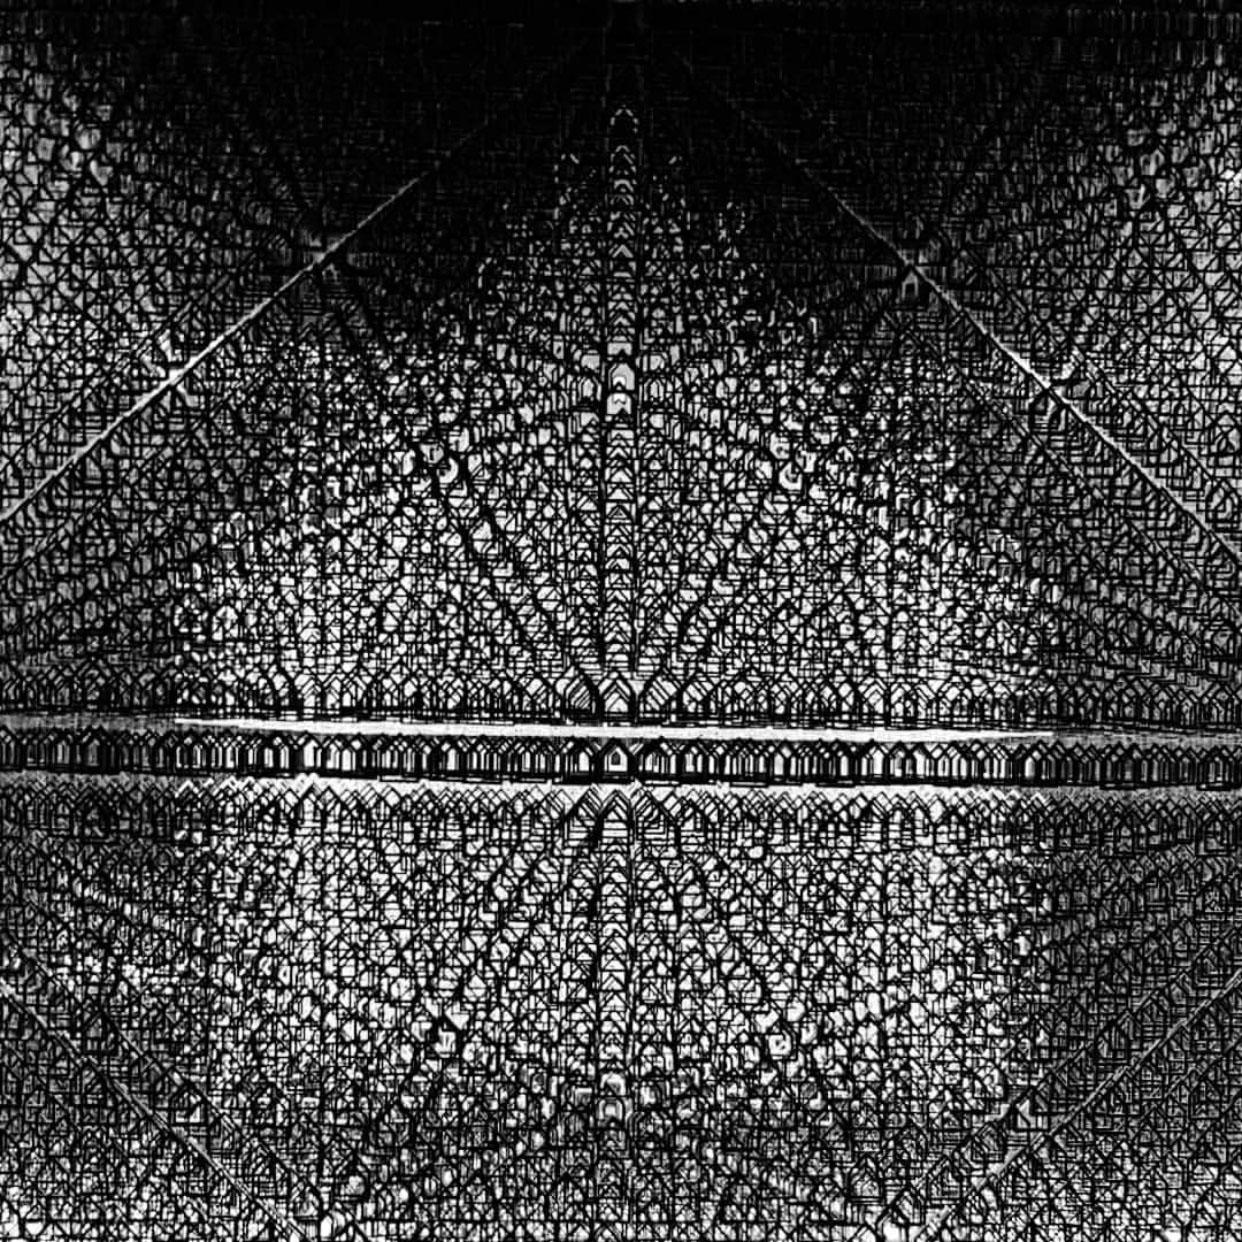 Escher x nendo Installation at the NGV